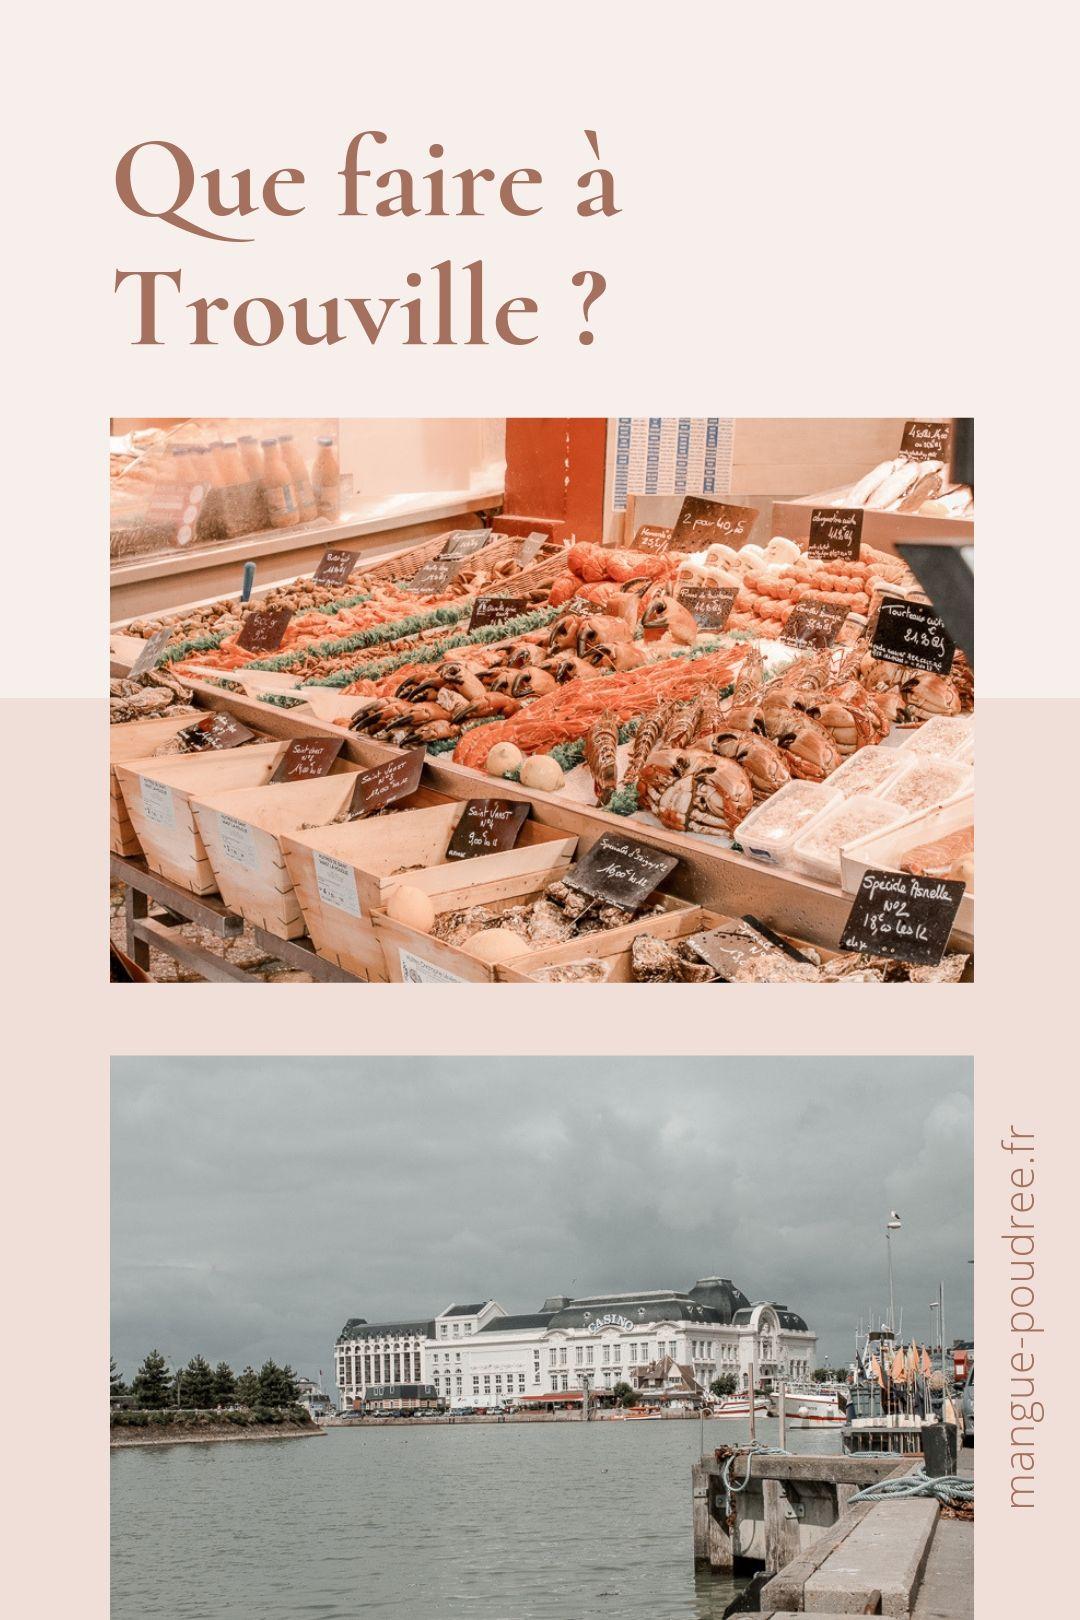 Que faire à Deauville et Trouvuille en 1 week-end ? - Blog Mangue Poudrée - Blog beauté et lifestyle à Reims Paris influenceuse